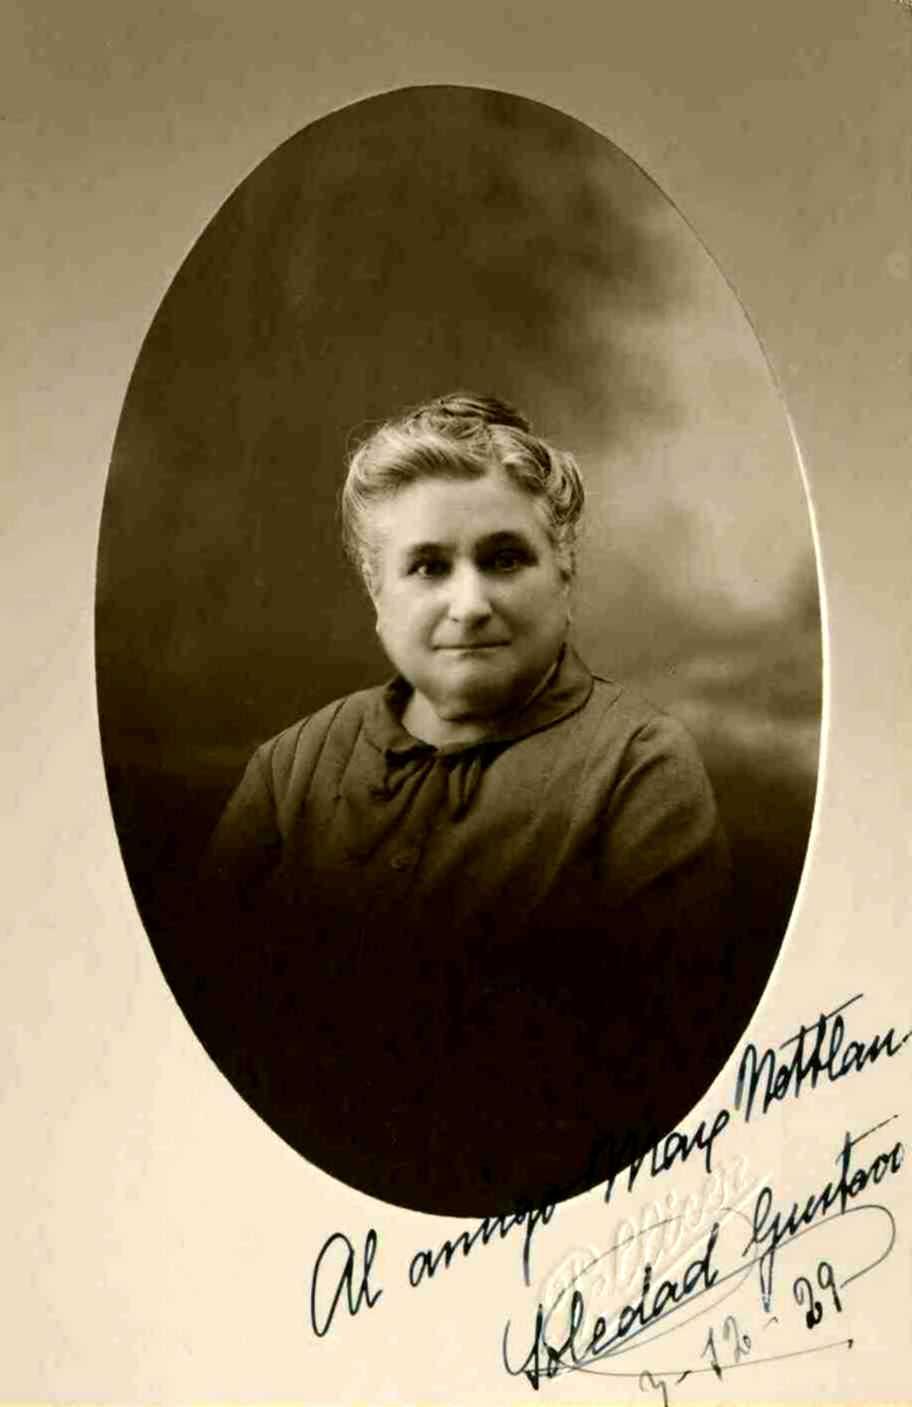 Soledad Gustavo, fotografiada per Xavier Pellicer, amb una dedicatòria a Max Nettlau (3 de desembre de 1929) [IISH]